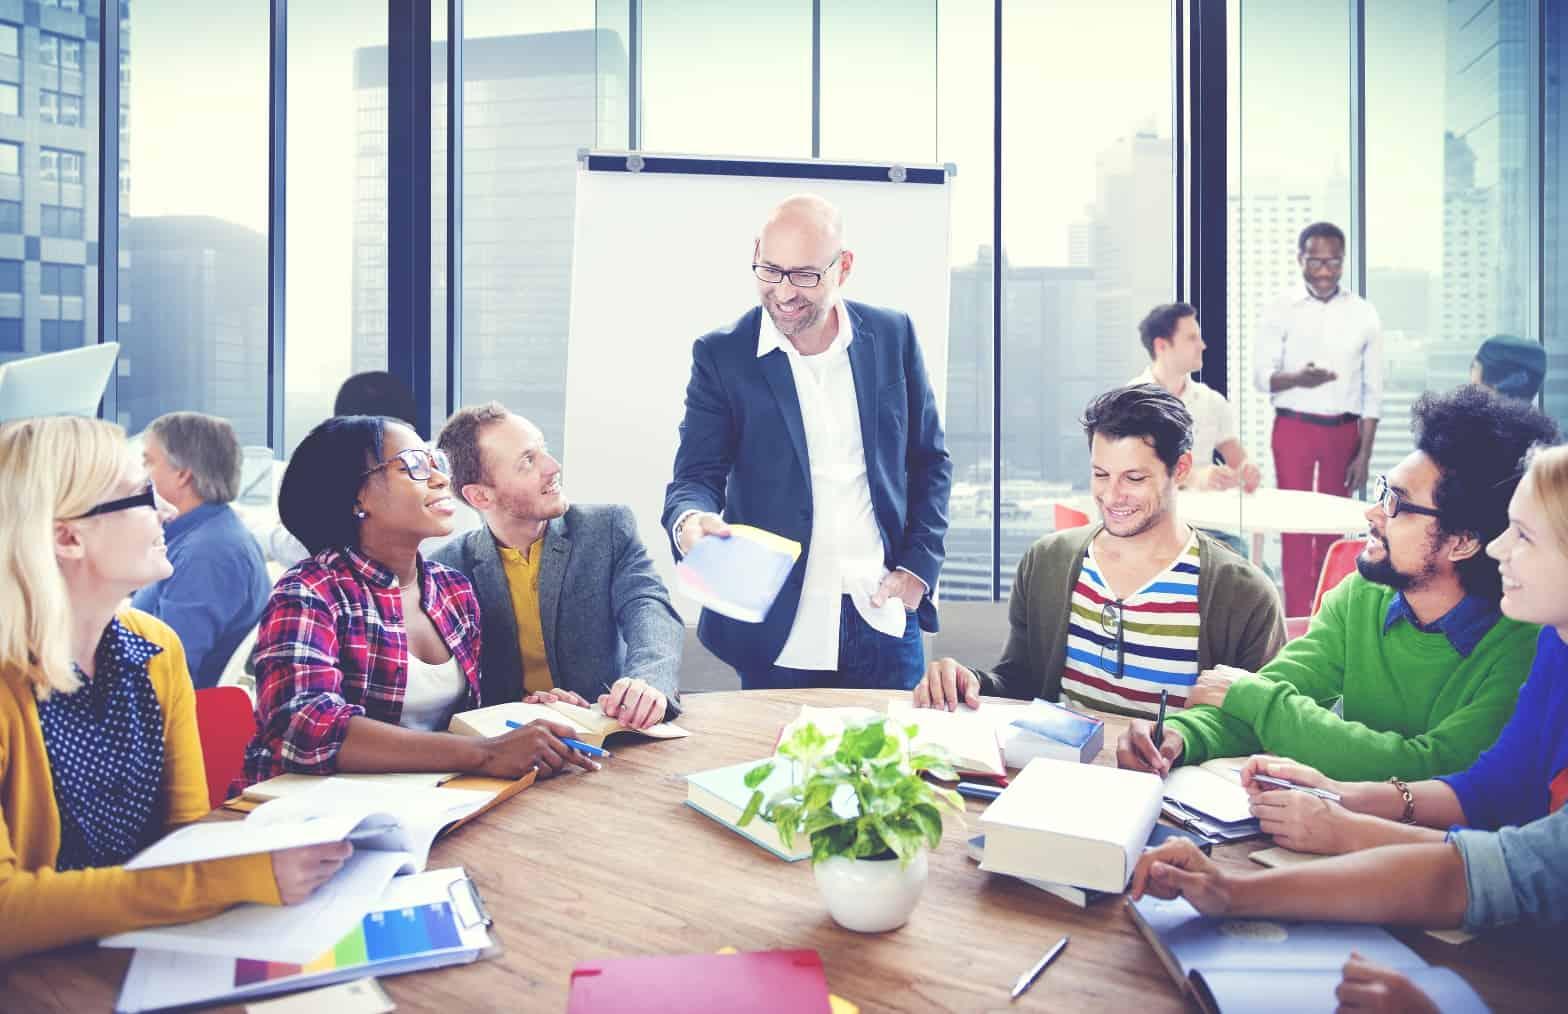 motivate your sales team - trust